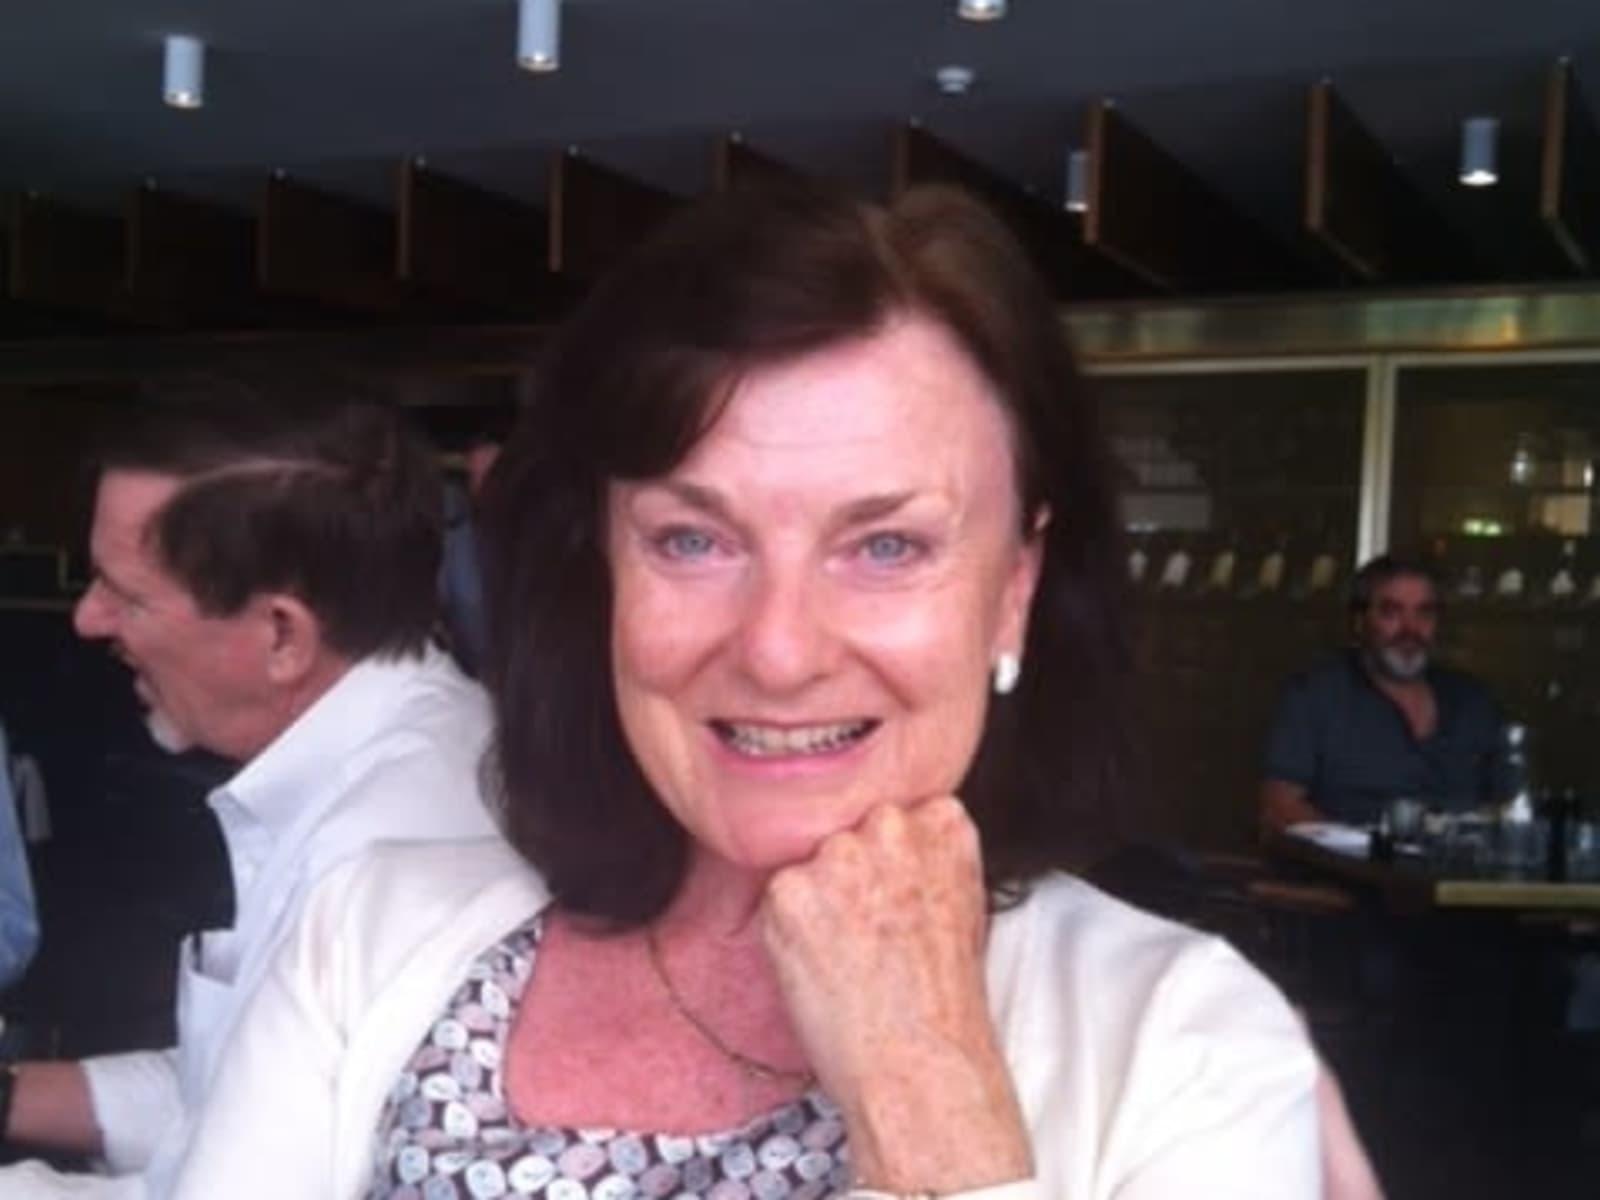 Delia from Perth, Western Australia, Australia